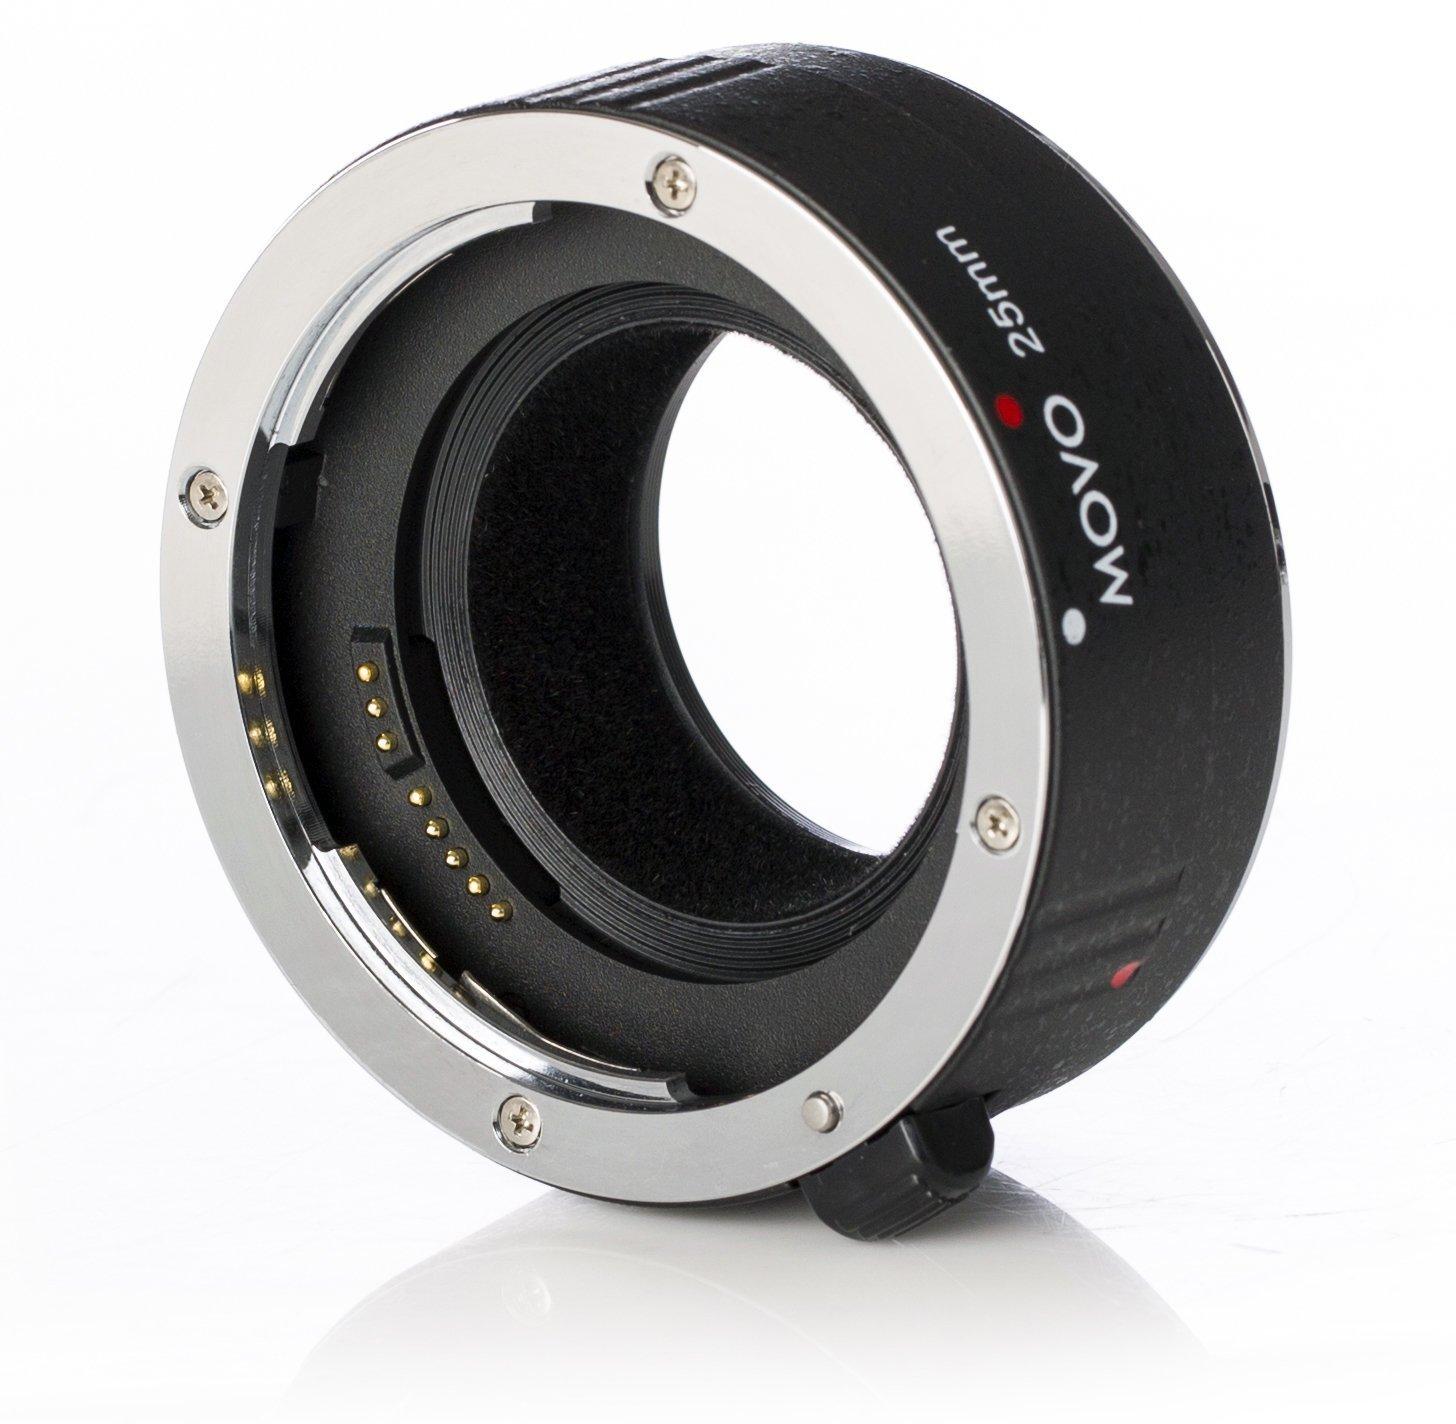 Movo MT-N25 25mm AF Chrome Macro Extension Tube for Nikon Mount DSLR Camera, Nikkor Lens System by Movo